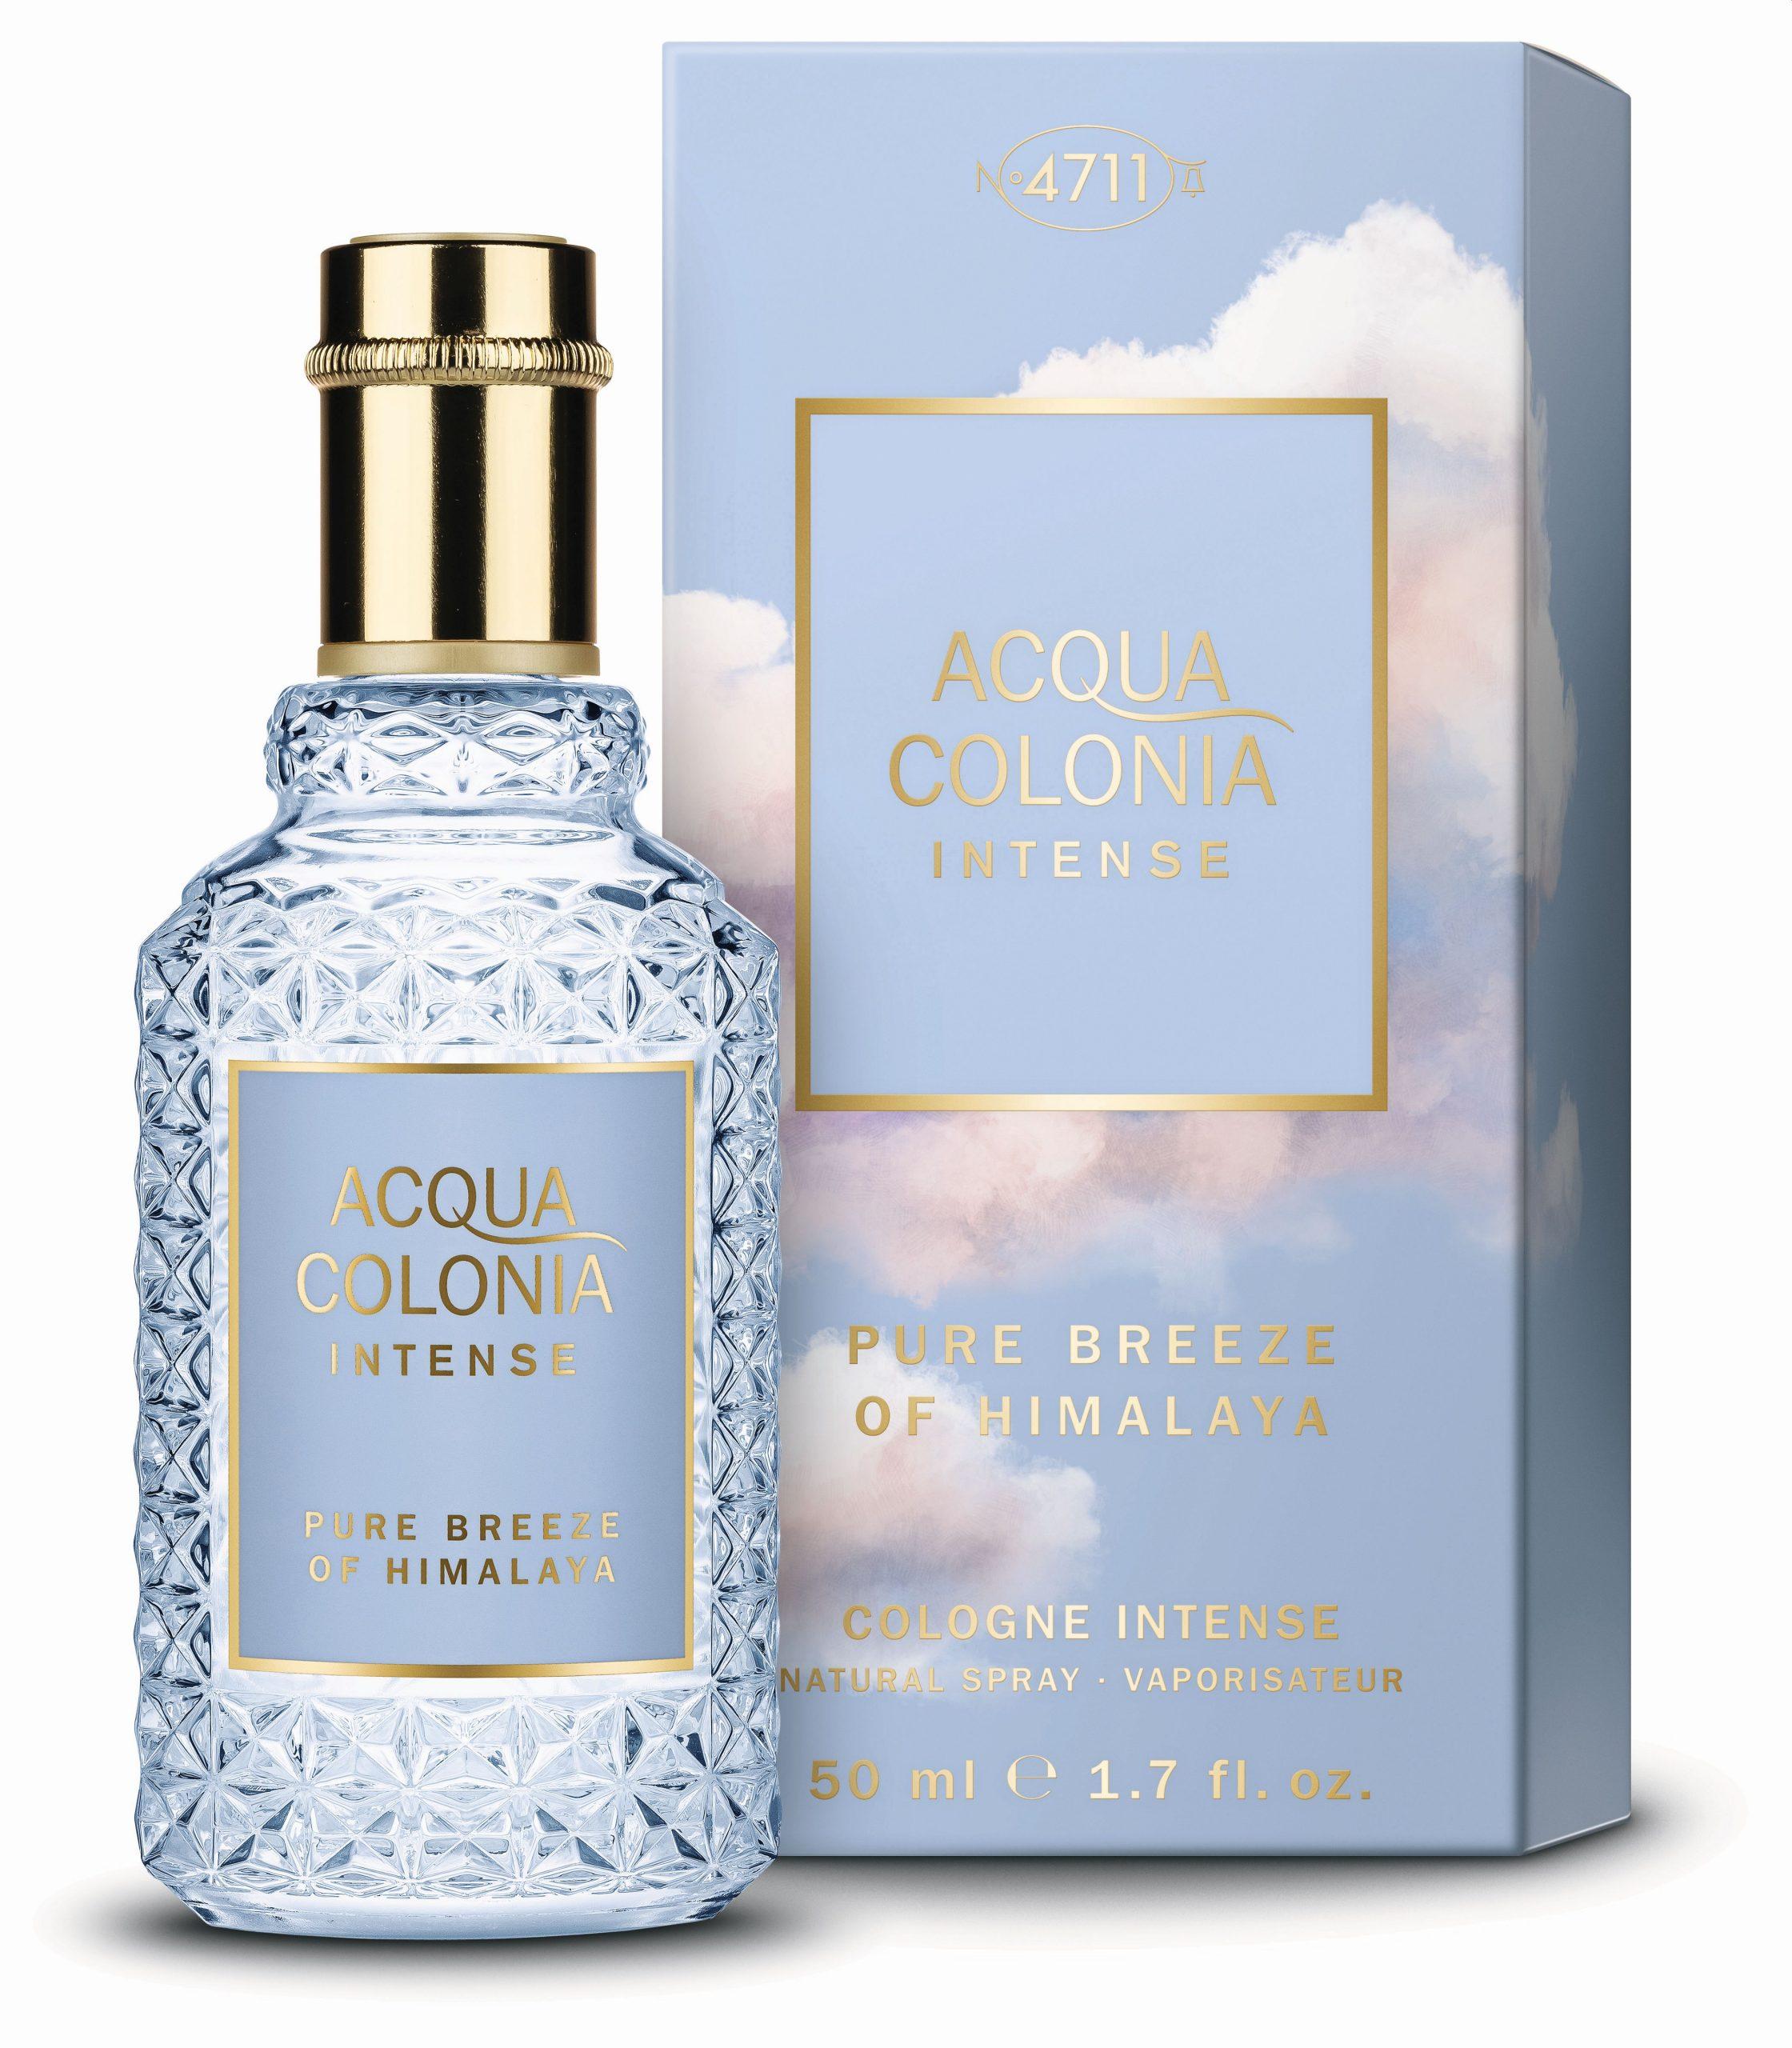 Maurer&Wirtz, téli, illat, edp, parfüm, válogatás, rúzs és más, illatajánló, tipp, télre, parfümajánló, válogatás